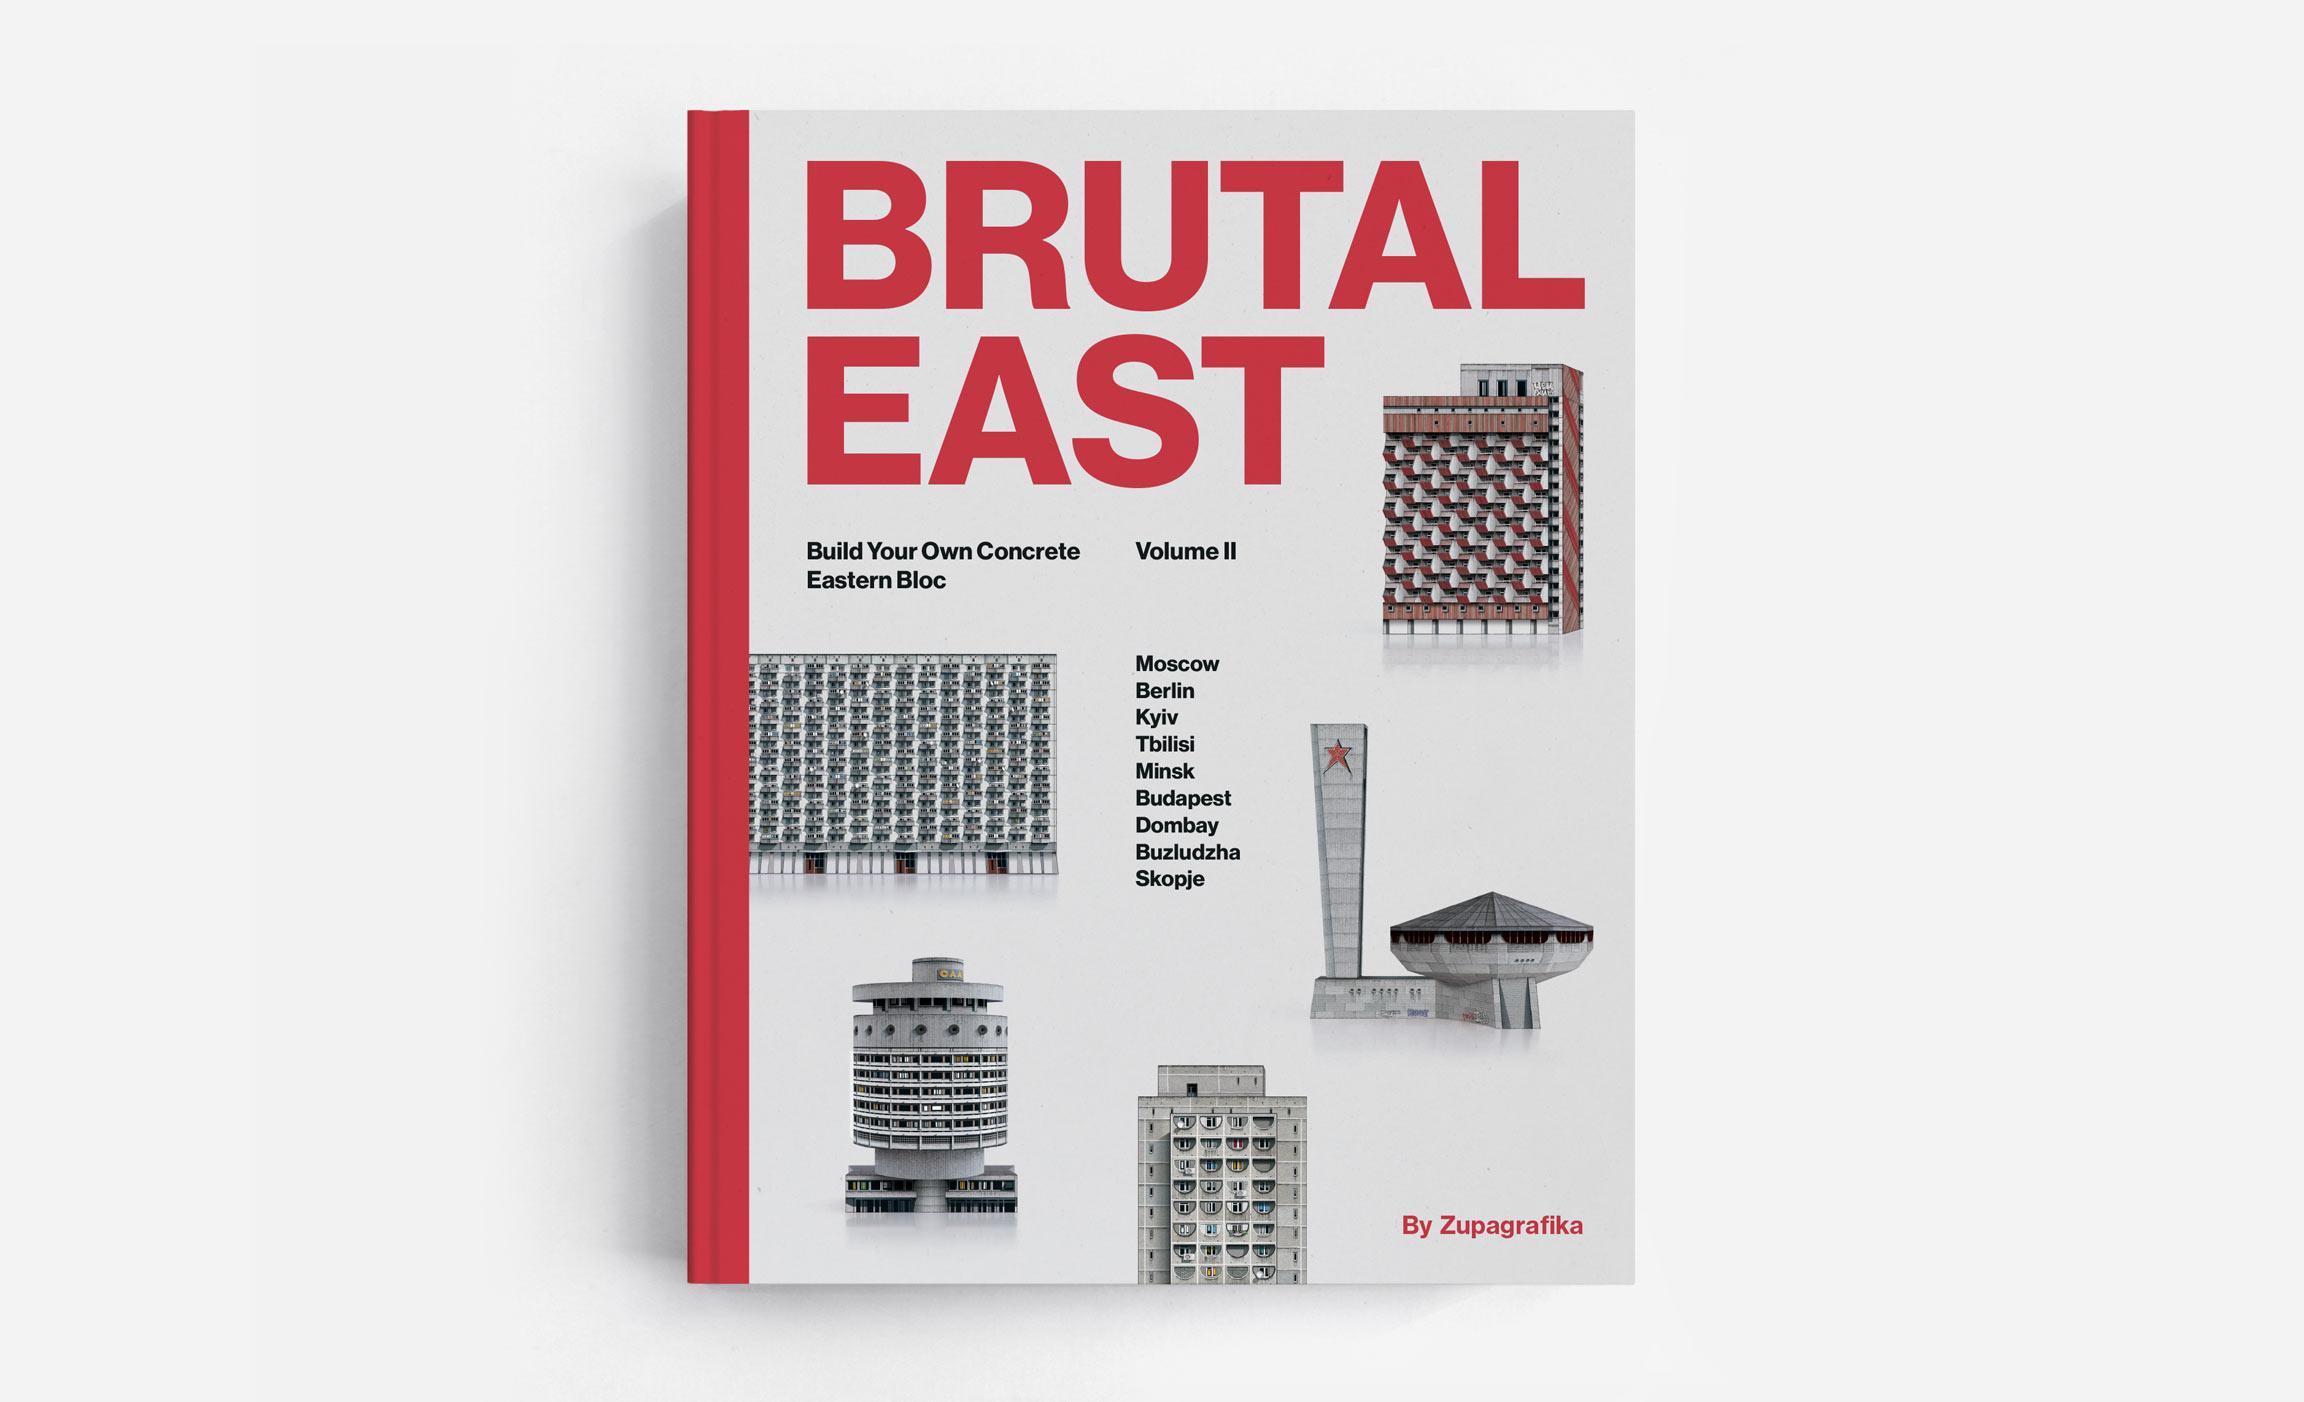 Brutal East Set